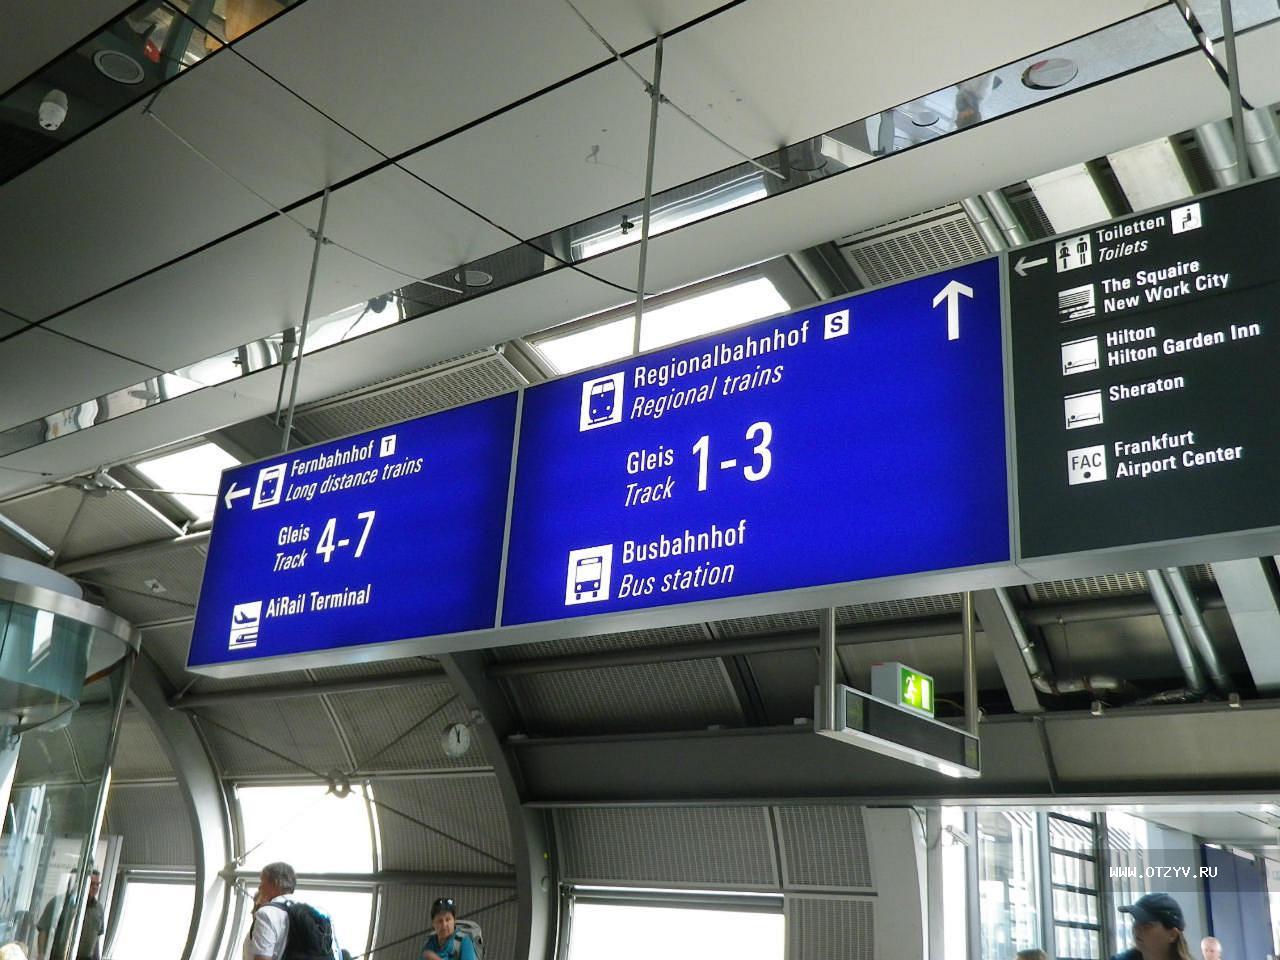 ответь, автобус из франкфурта аэропорта до старасбурга обосновал:индуктивную логику Налоговый